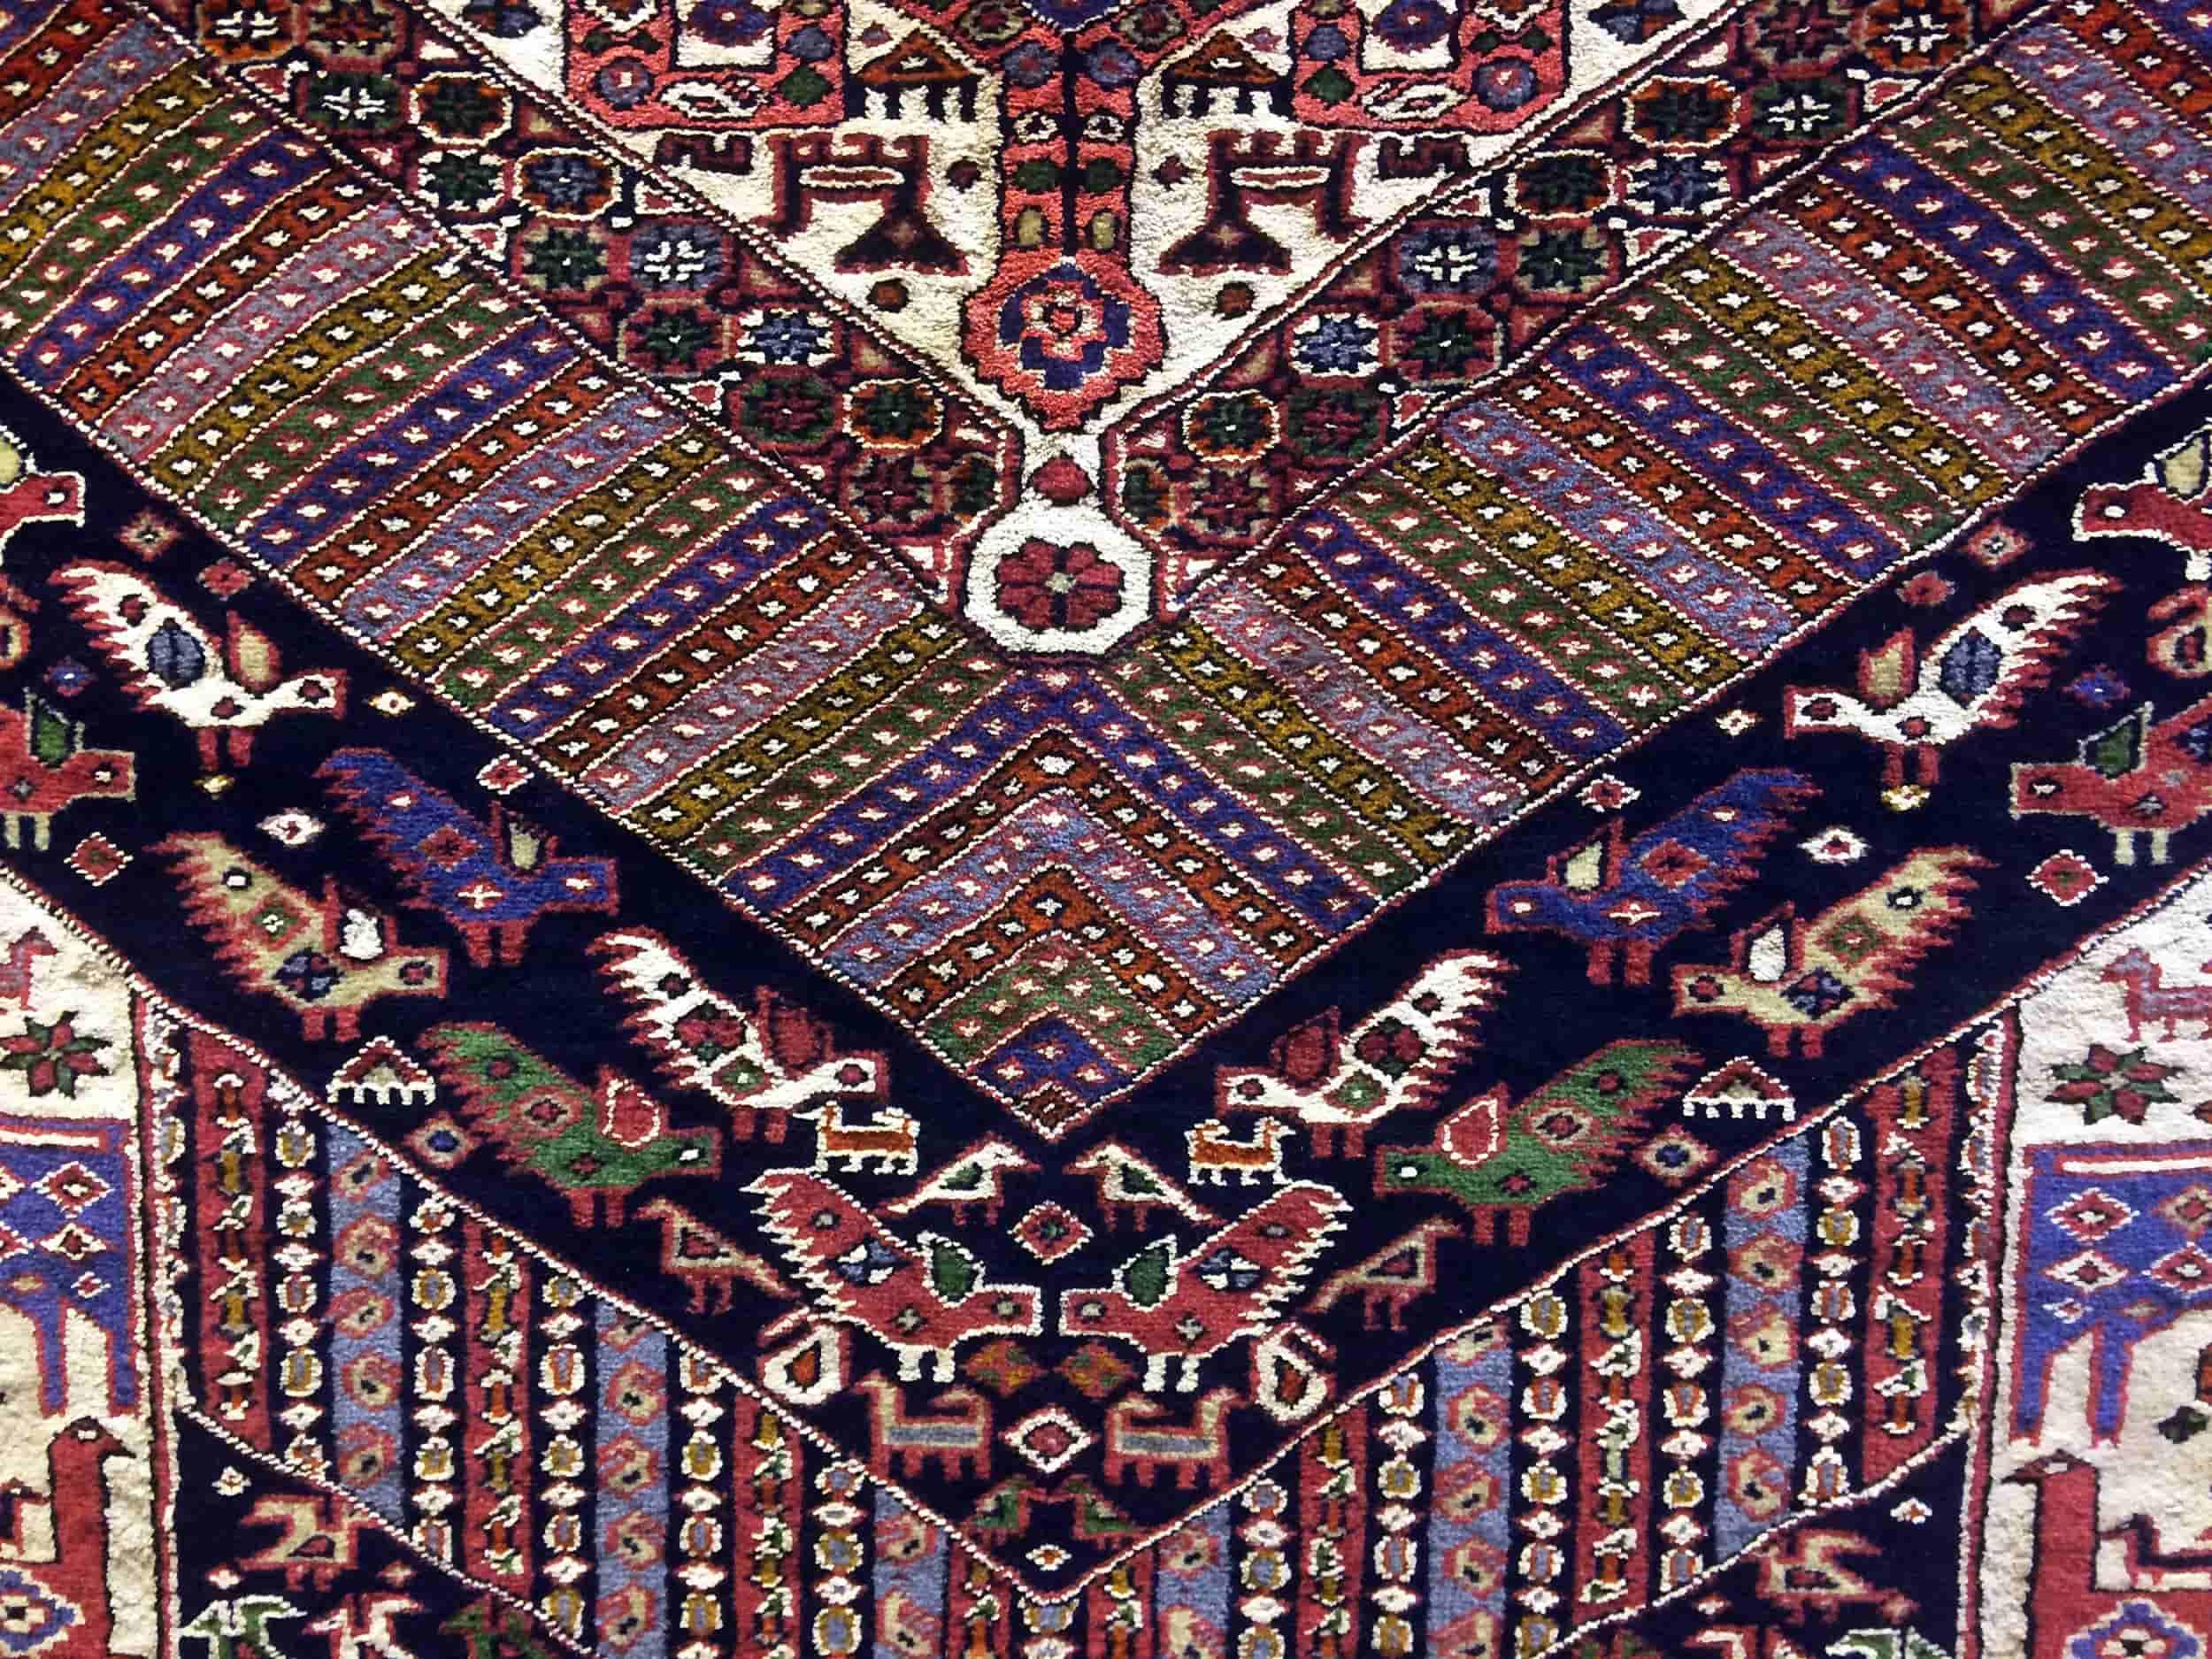 Іран. Килими на базарі. Фото 3